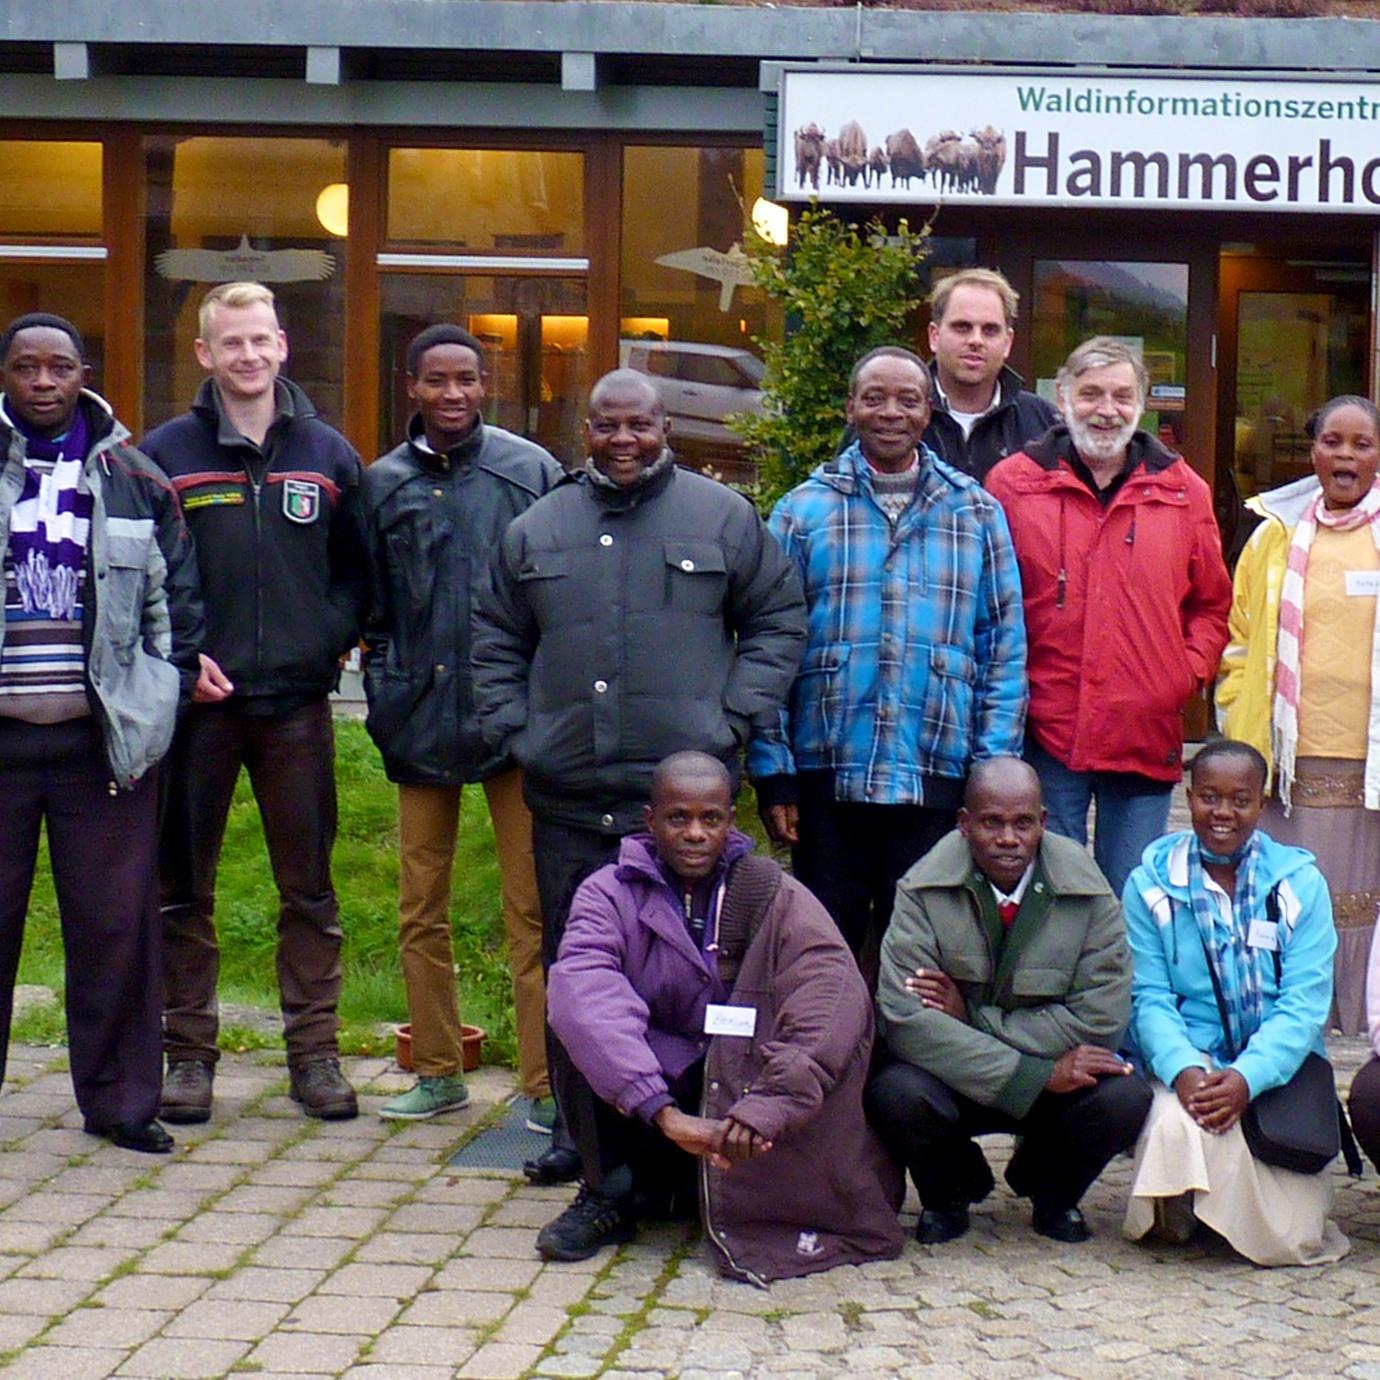 Partnerschaftsgruppe aus Tansania zu Besuch in Warburg